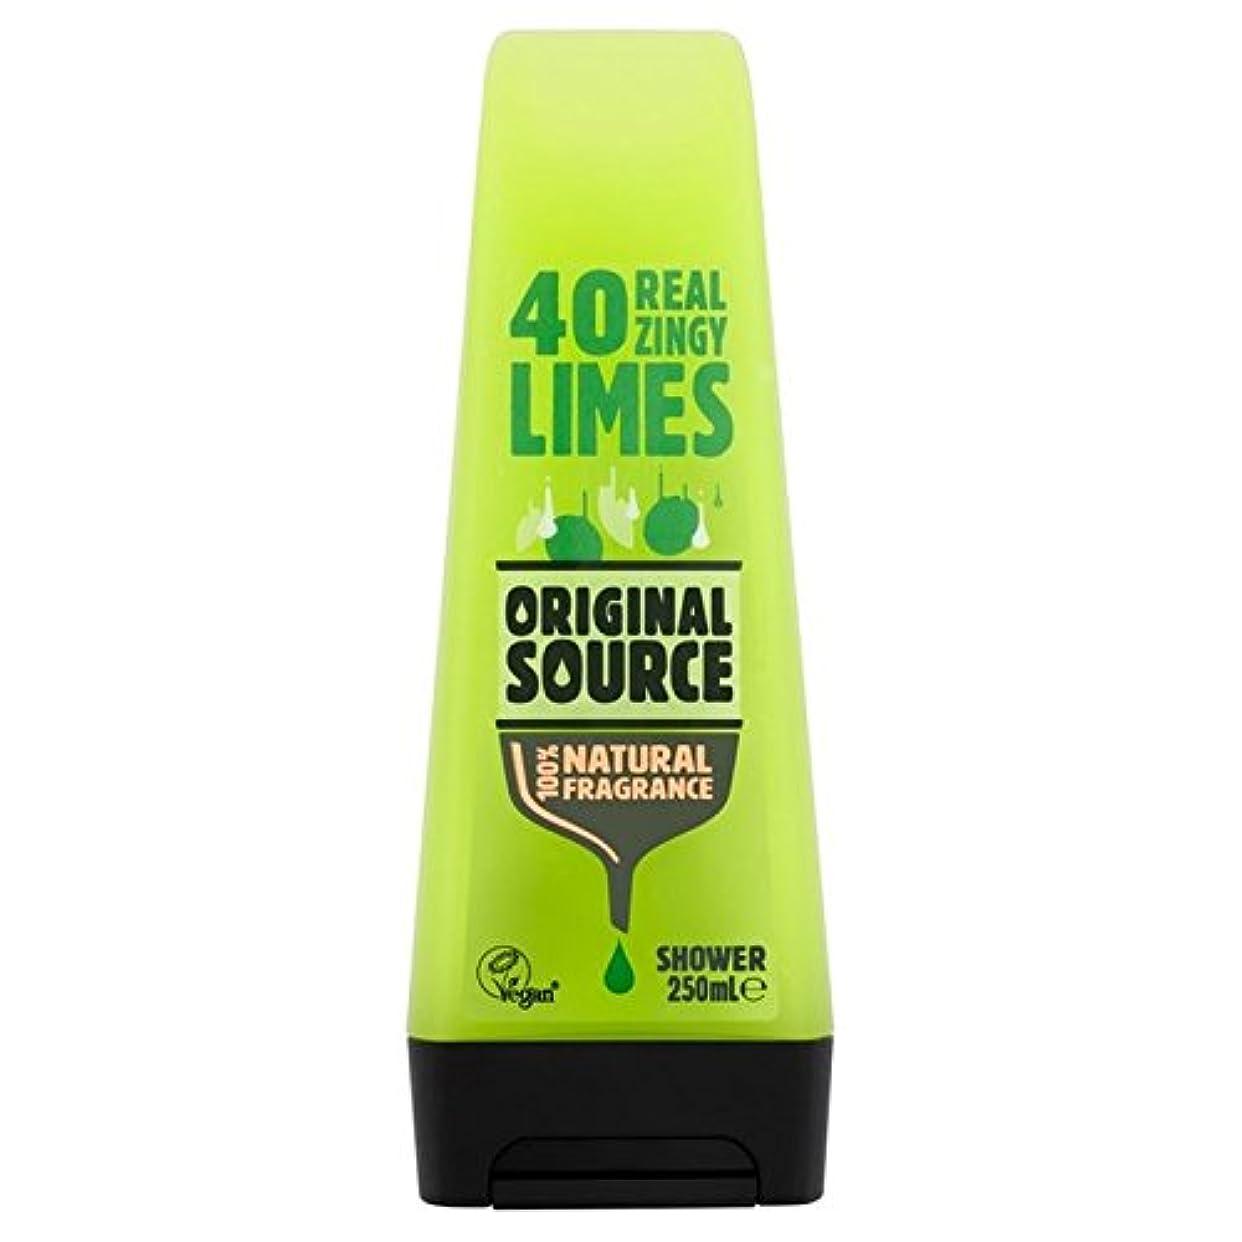 スキャンダルティッシュ天国元のソースライムシャワージェル250ミリリットル x2 - Original Source Lime Shower Gel 250ml (Pack of 2) [並行輸入品]